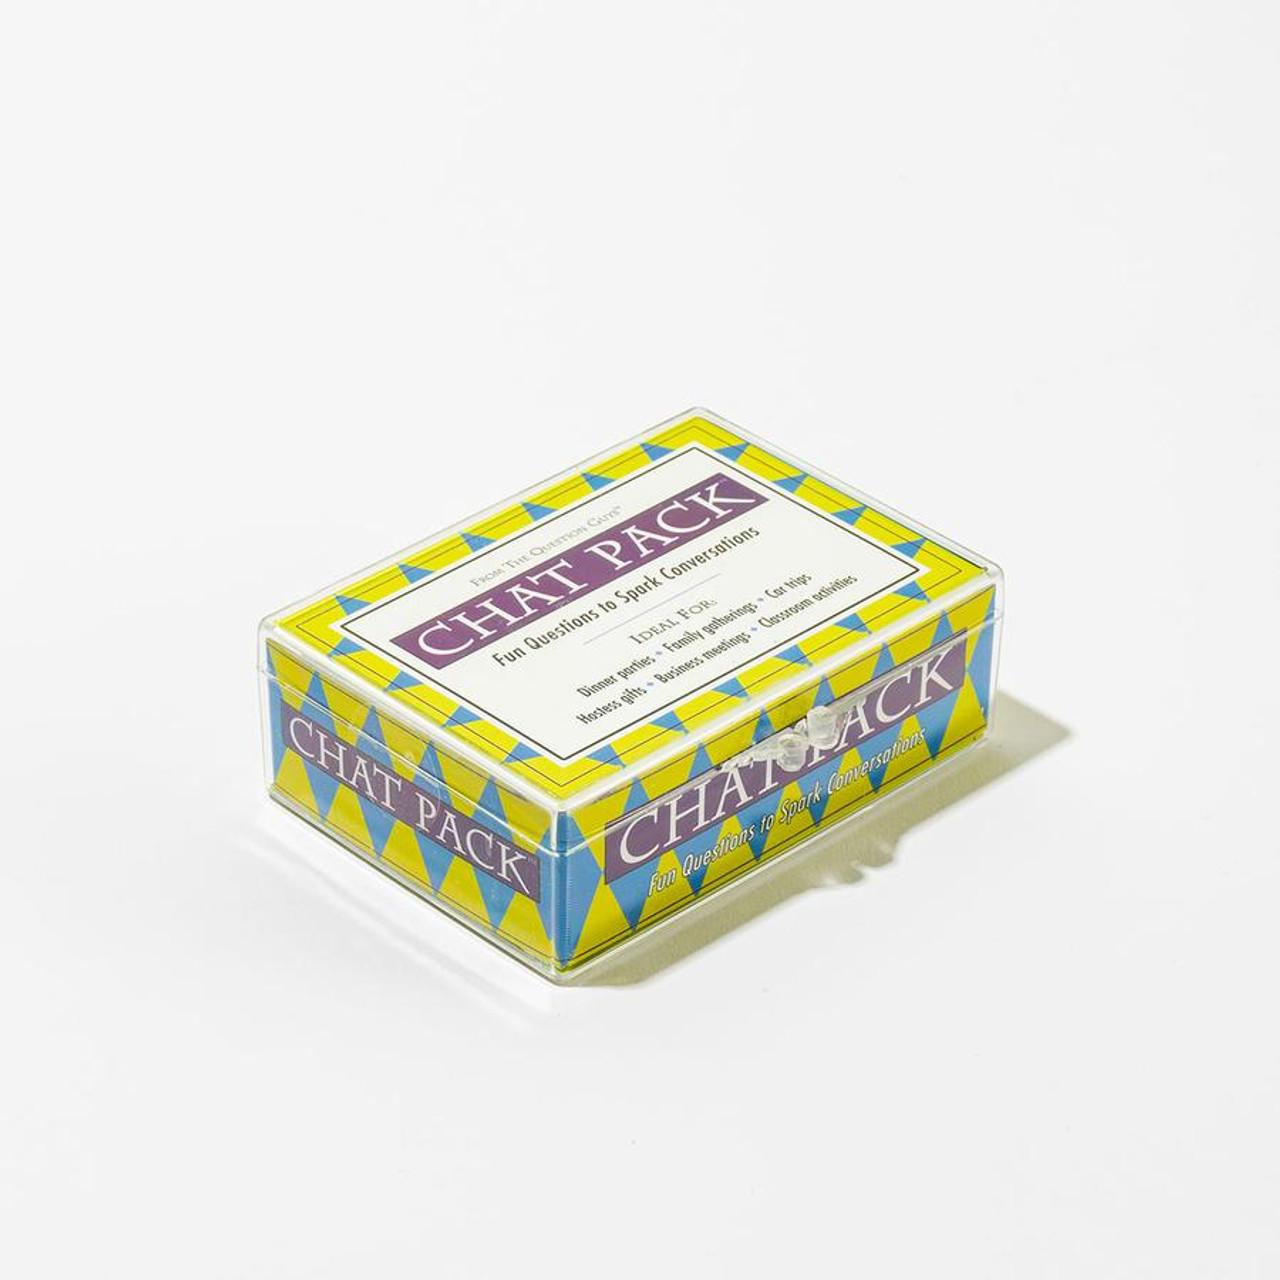 Chat Packs * Original; in box